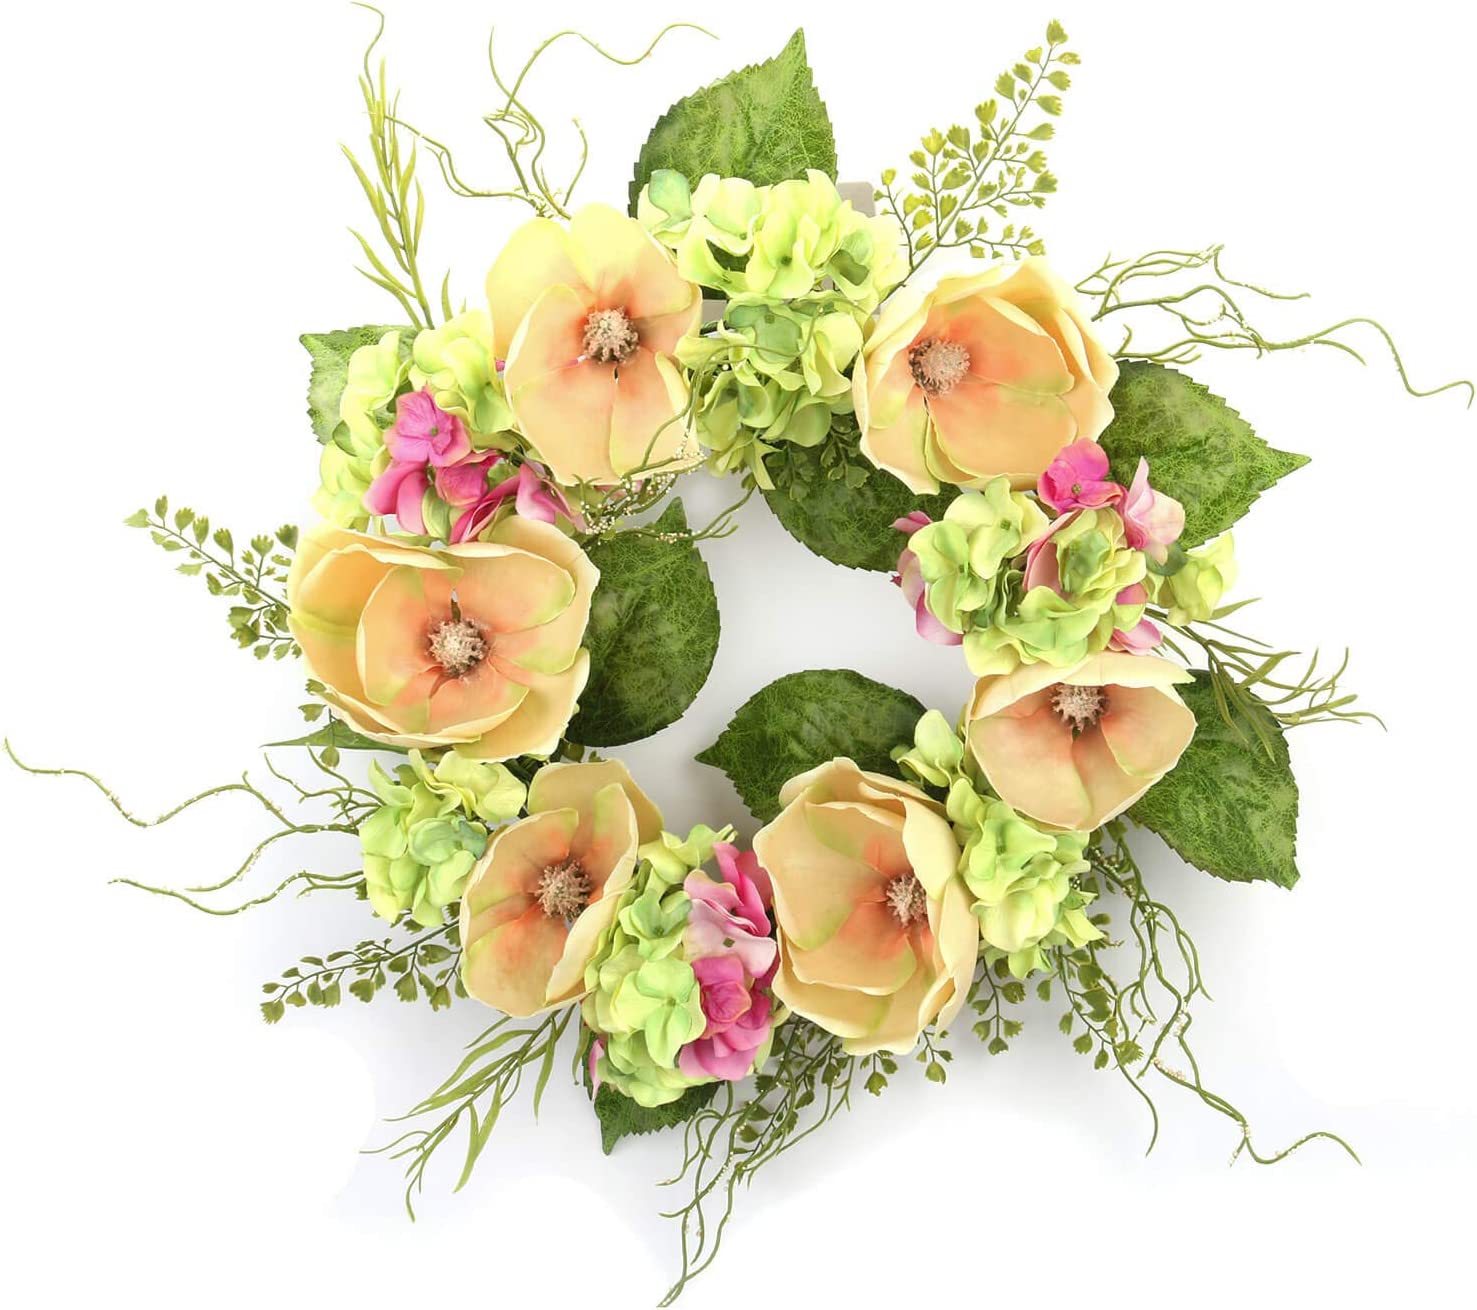 Cloris Art Summer Wreath for Front Door, 22 Inch Artificial Spring Wreath for Home Festival Wedding Party Farmhouse Outdoor Decor(Magnolia Hydrangea)